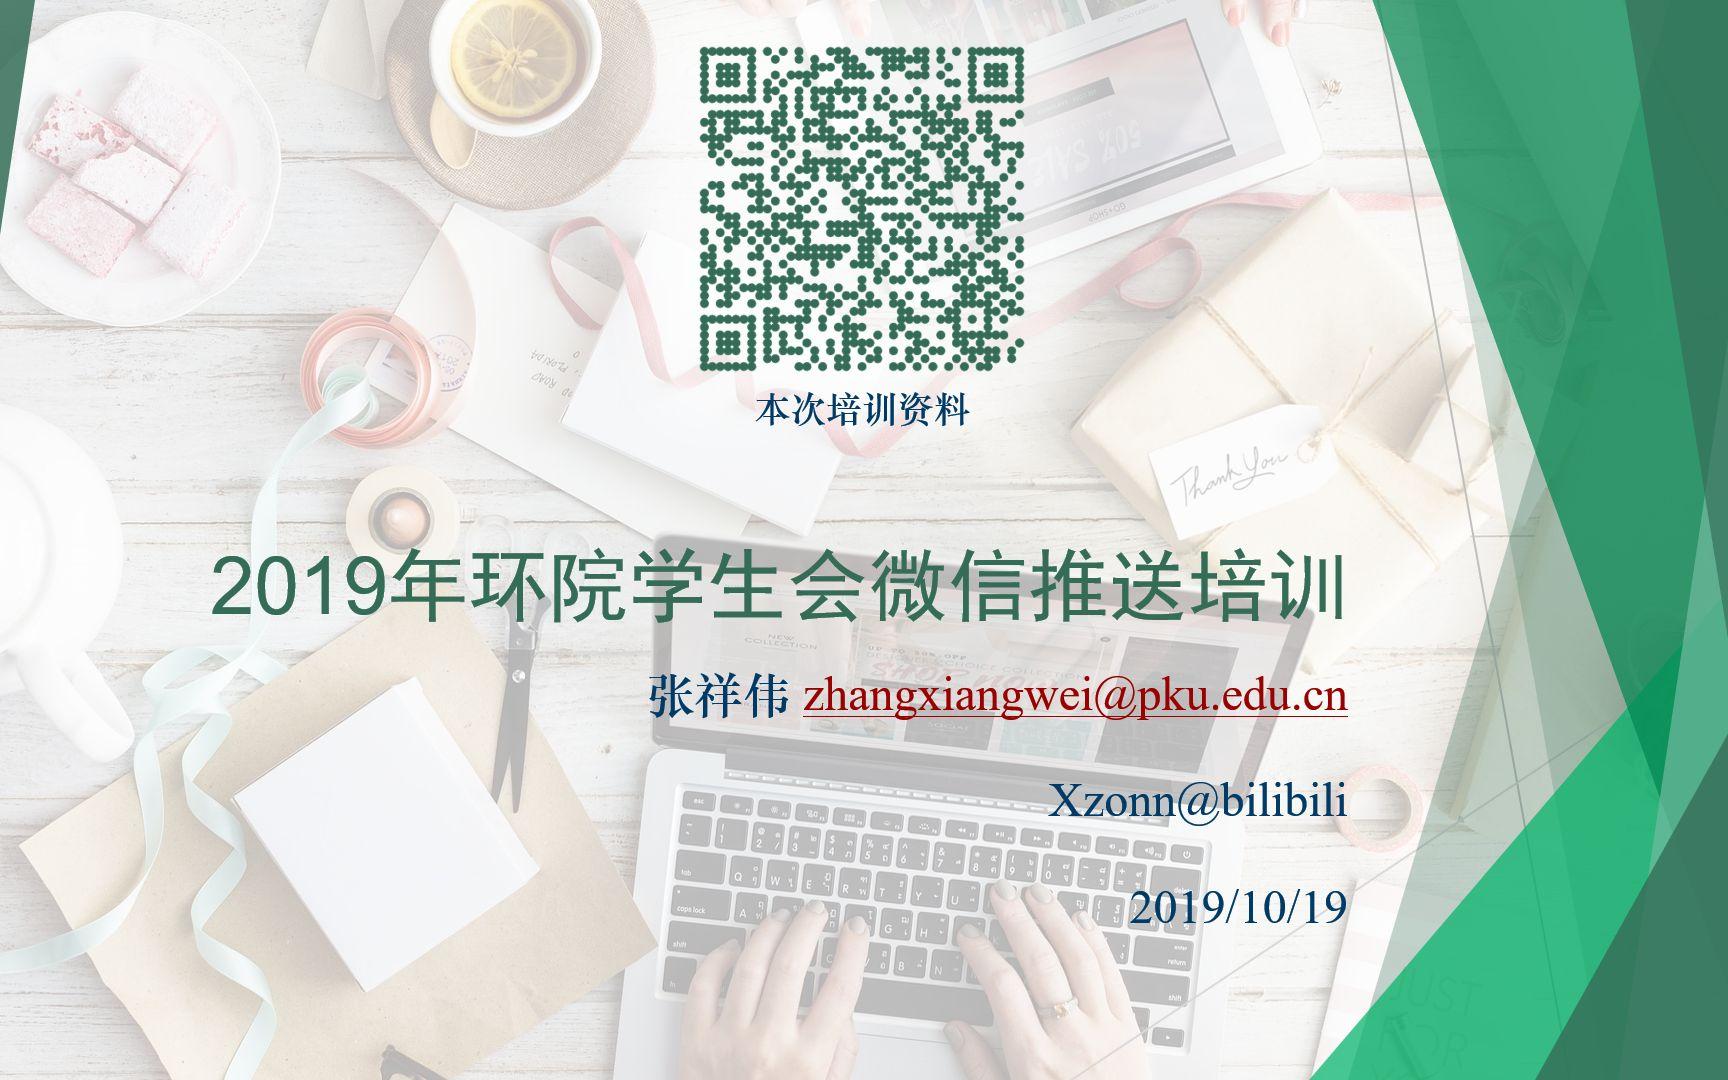 2019年环院学生会微信推送培训指南